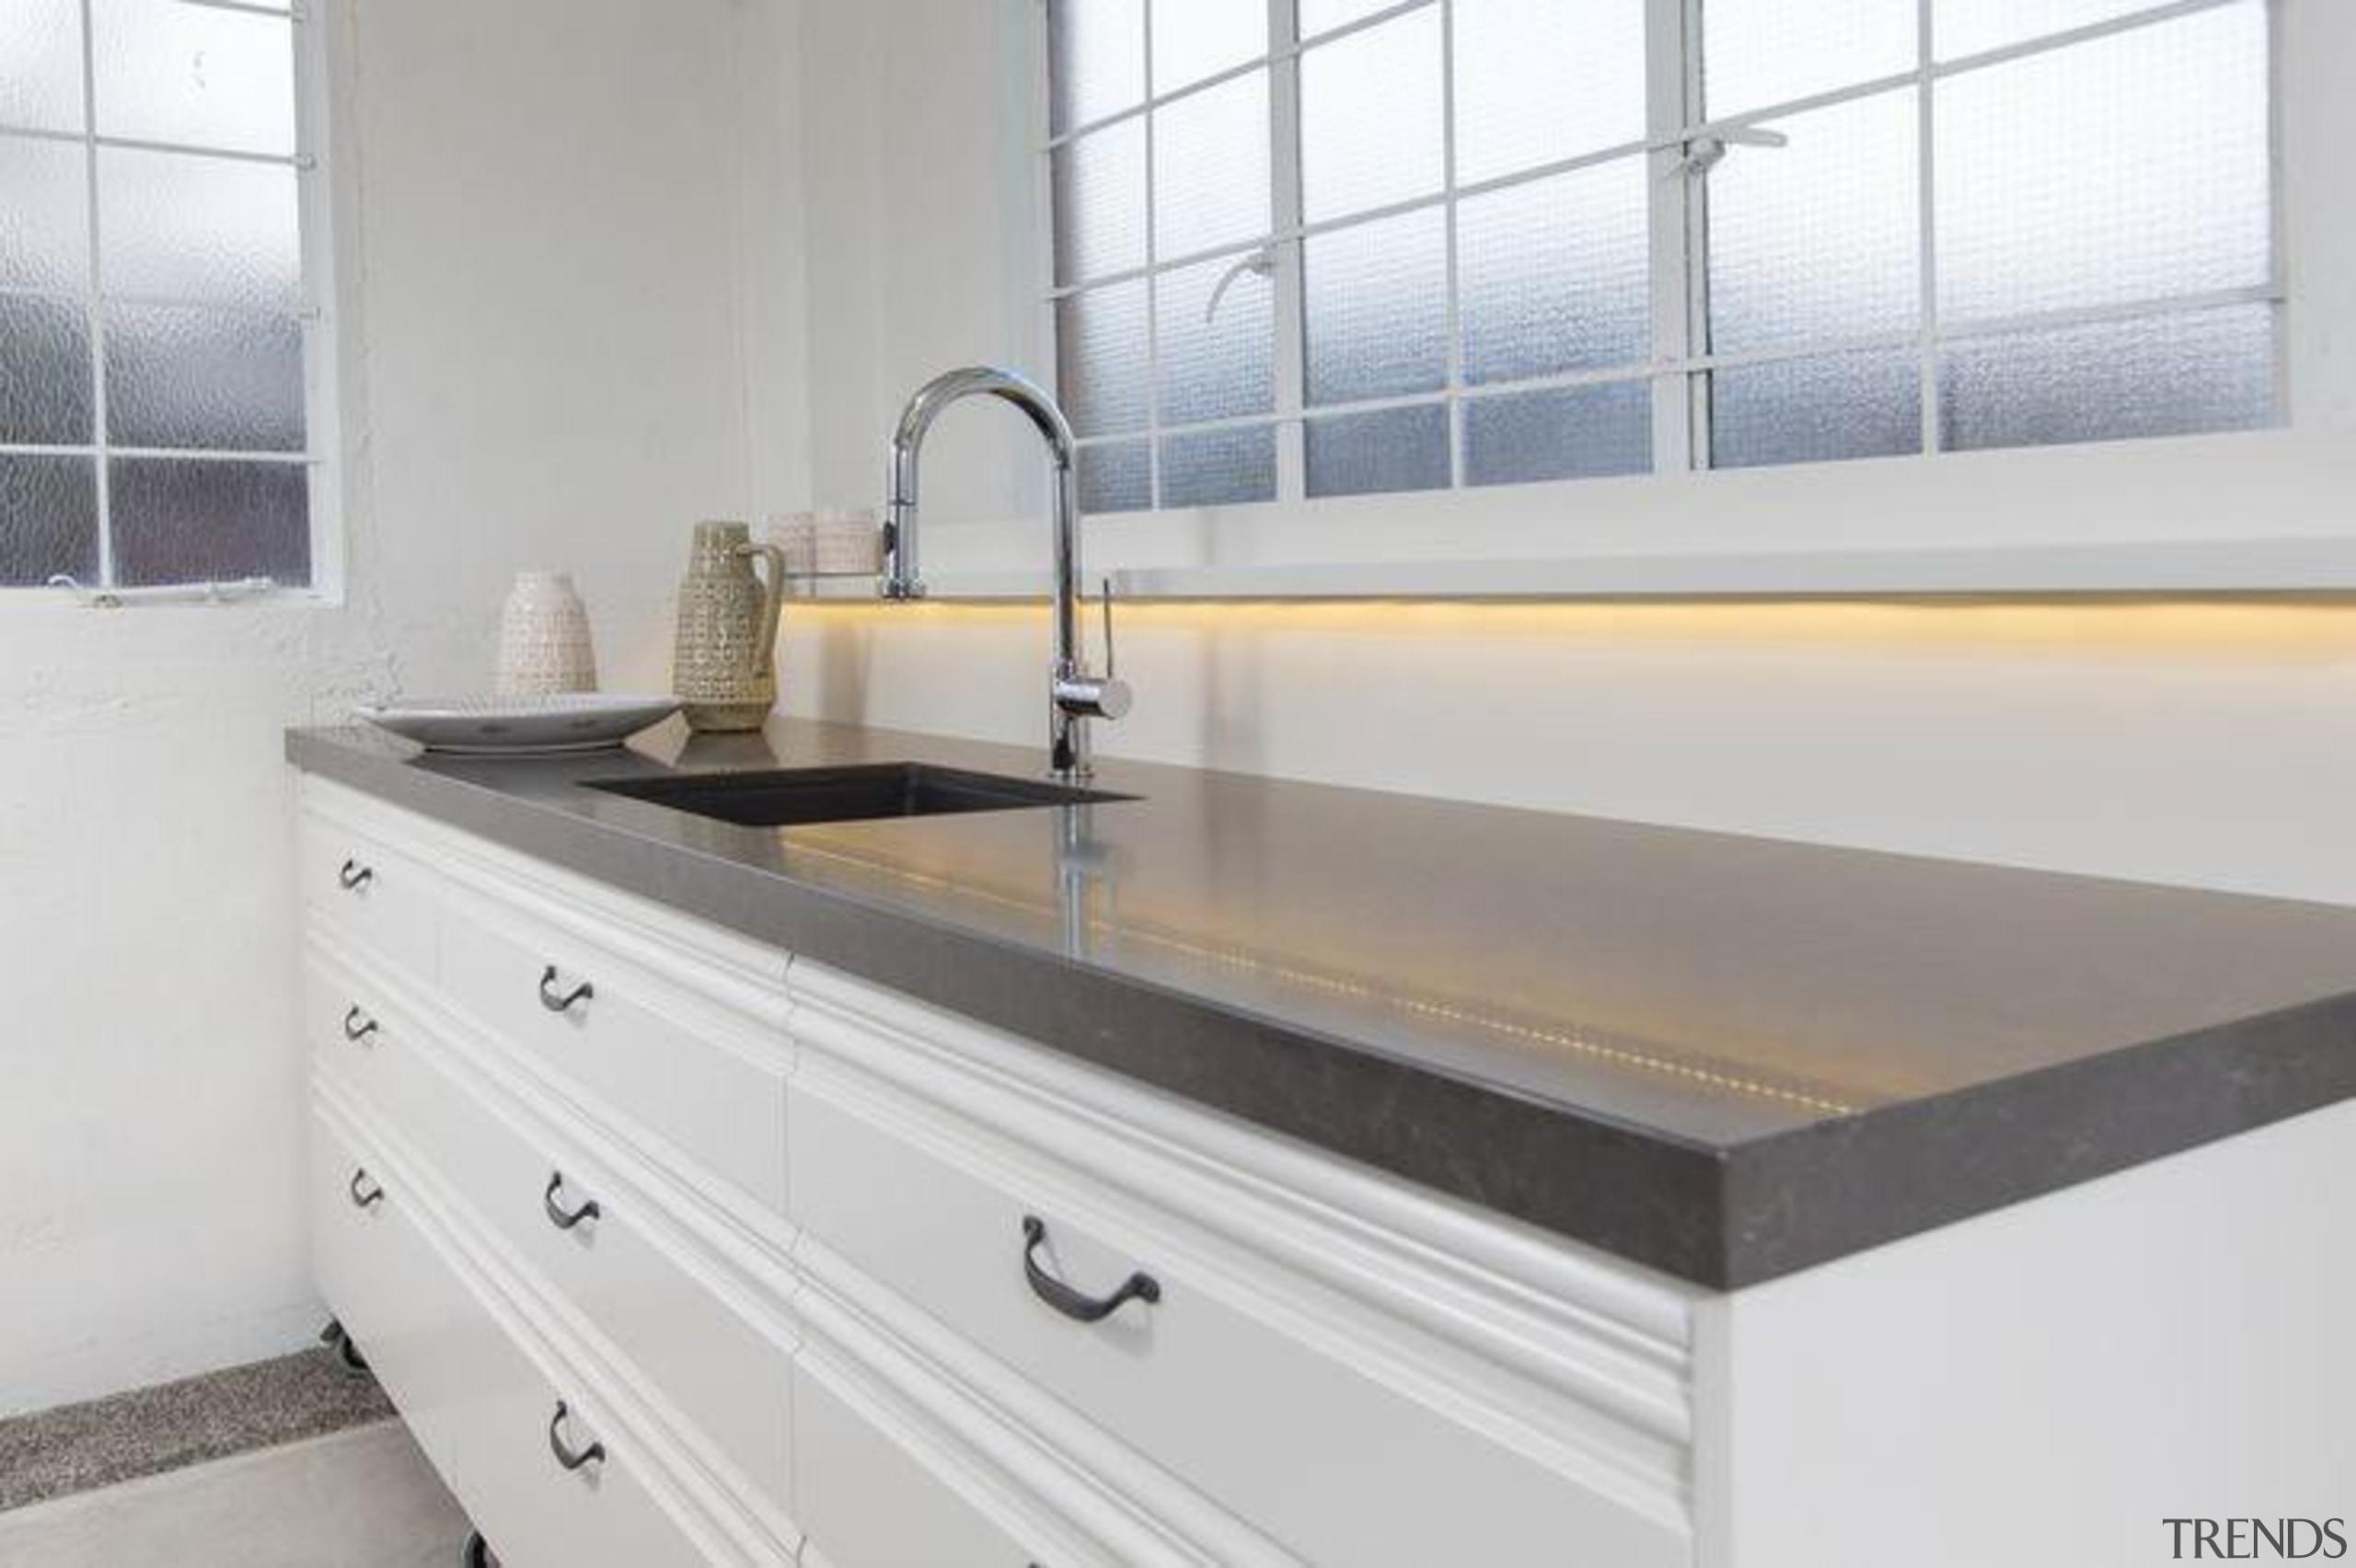 By Sally Steer Design, Wellington NZ. Caesarstone Piatra bathroom sink, countertop, kitchen, plumbing fixture, product design, sink, tap, gray